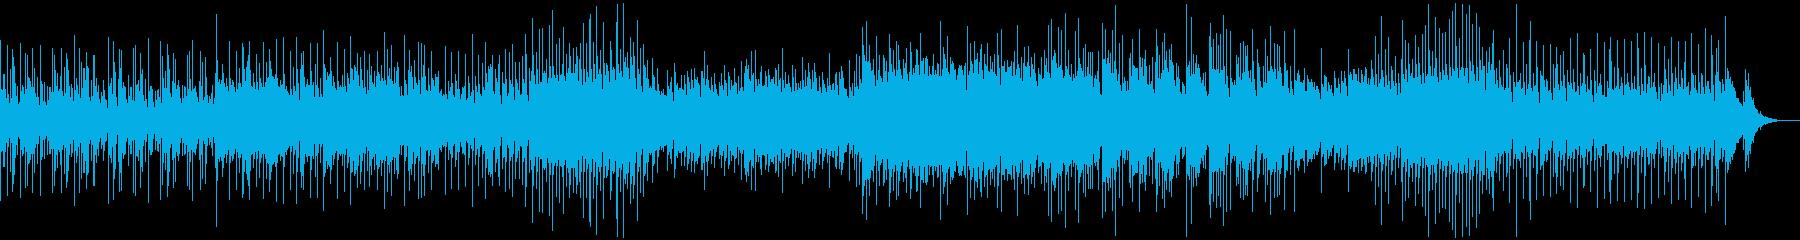 ほのぼのしたメロディのポップスの再生済みの波形